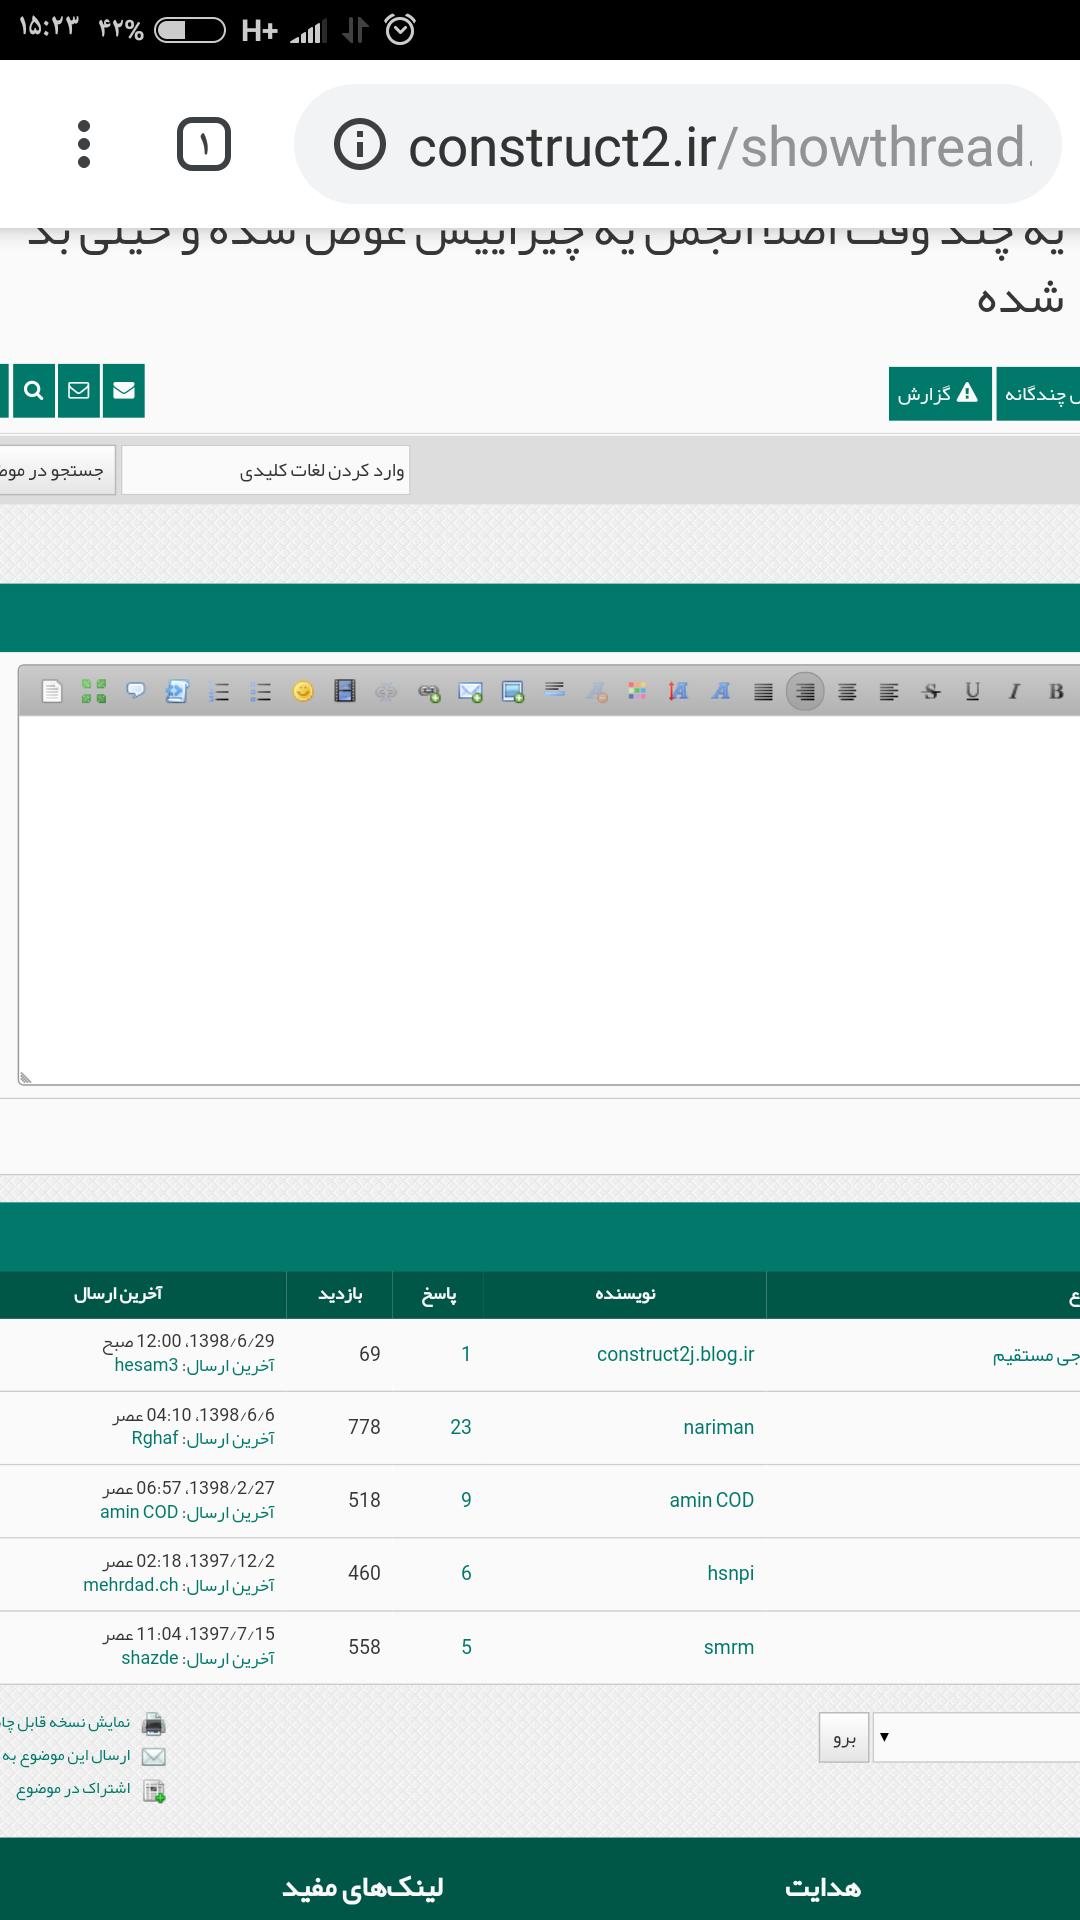 [عکس: Screenshot_%DB%B2%DB%B0%DB%B1%DB%B9_%DB%...chrome.png]